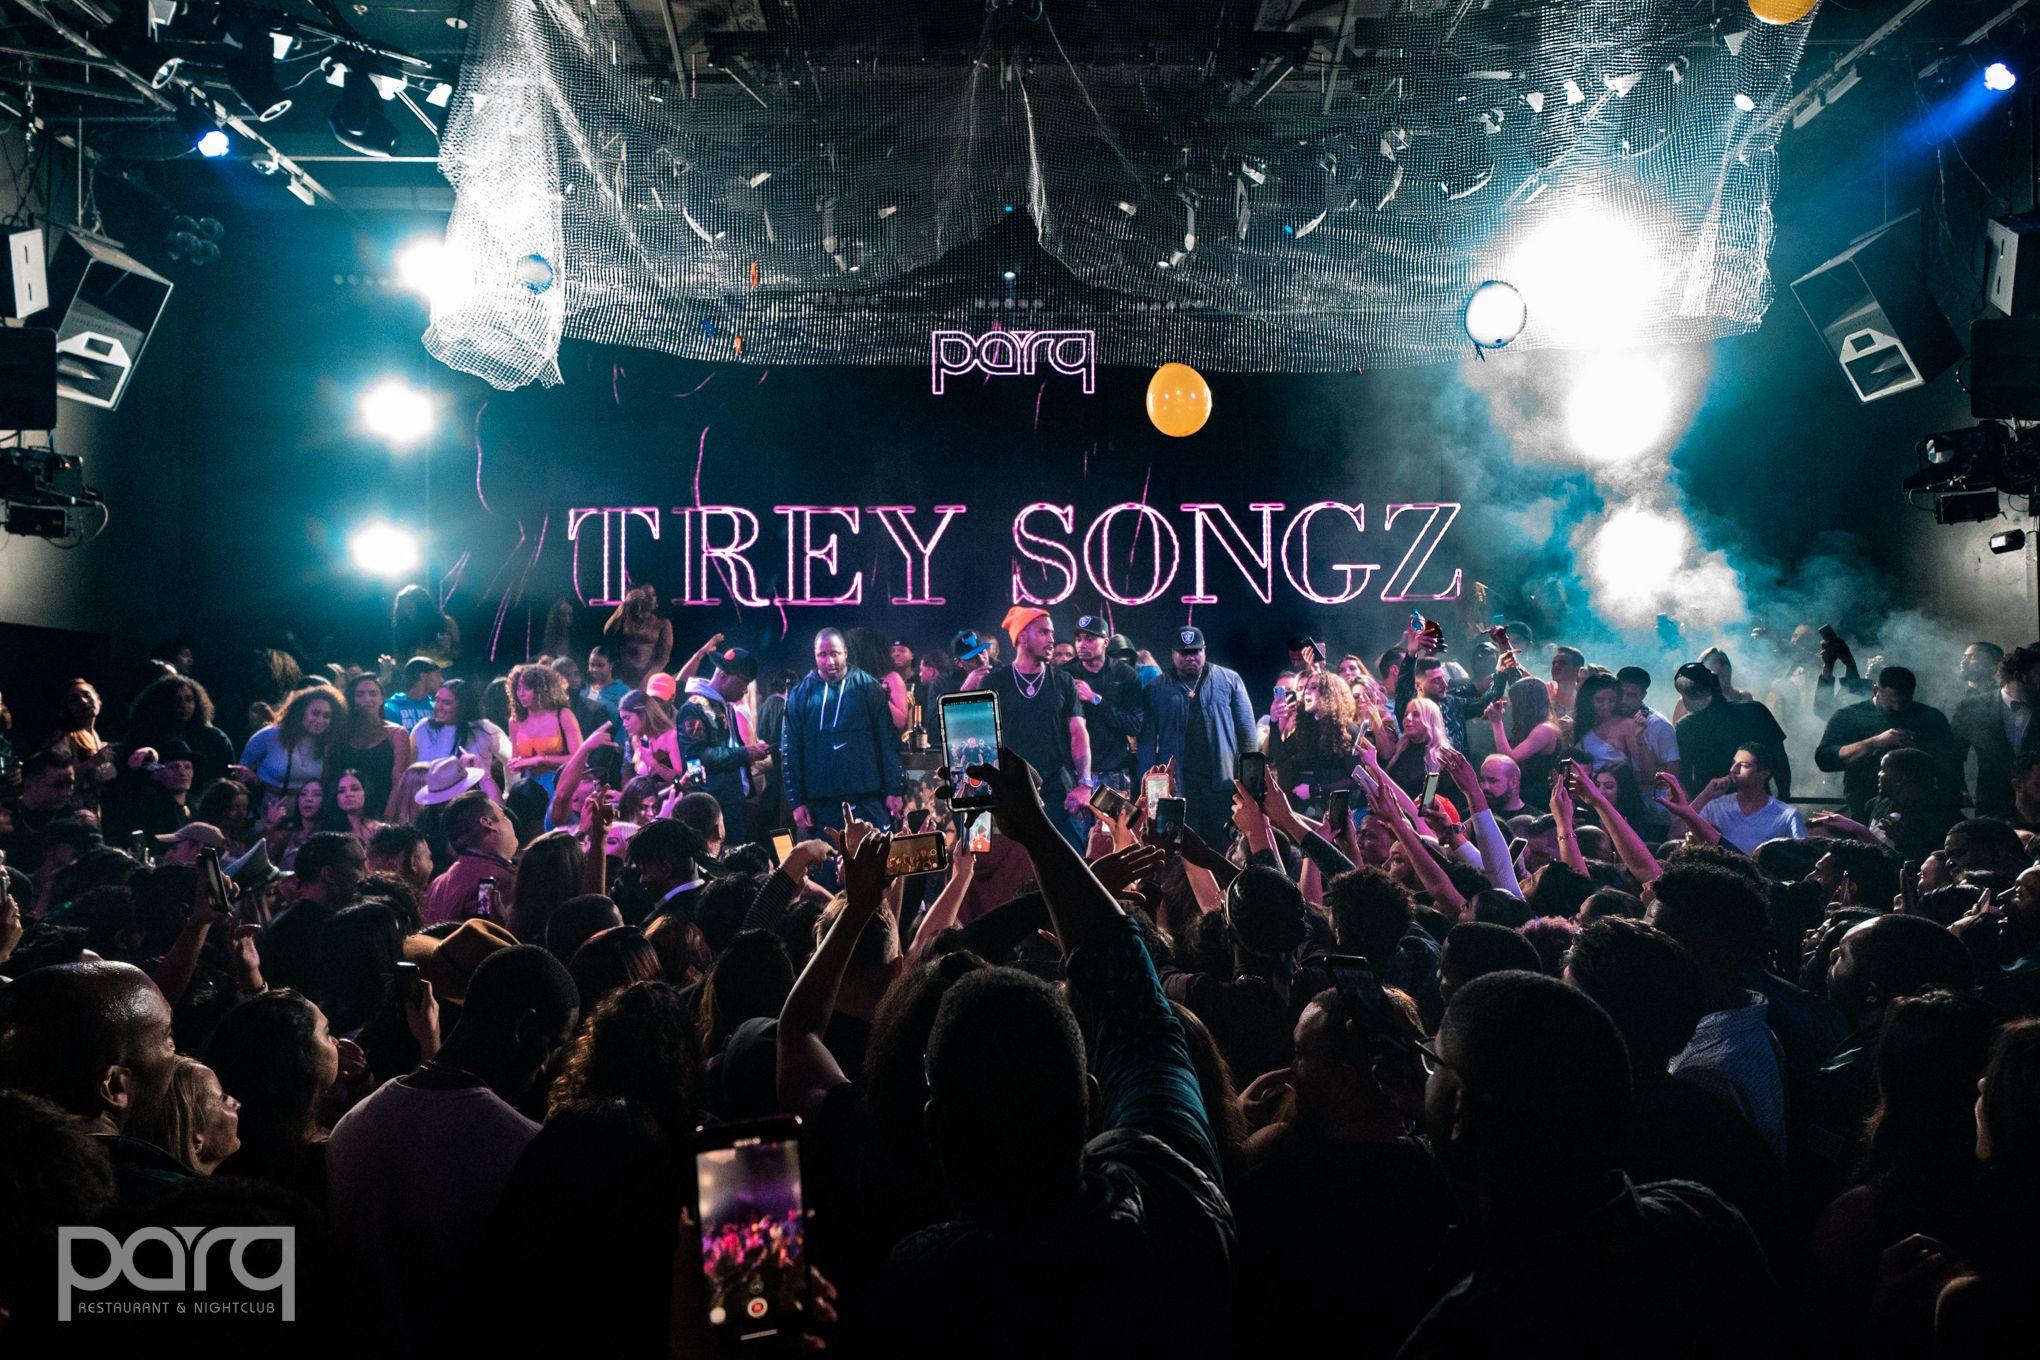 12.06.19 Parq - Trey Songz-41.jpg